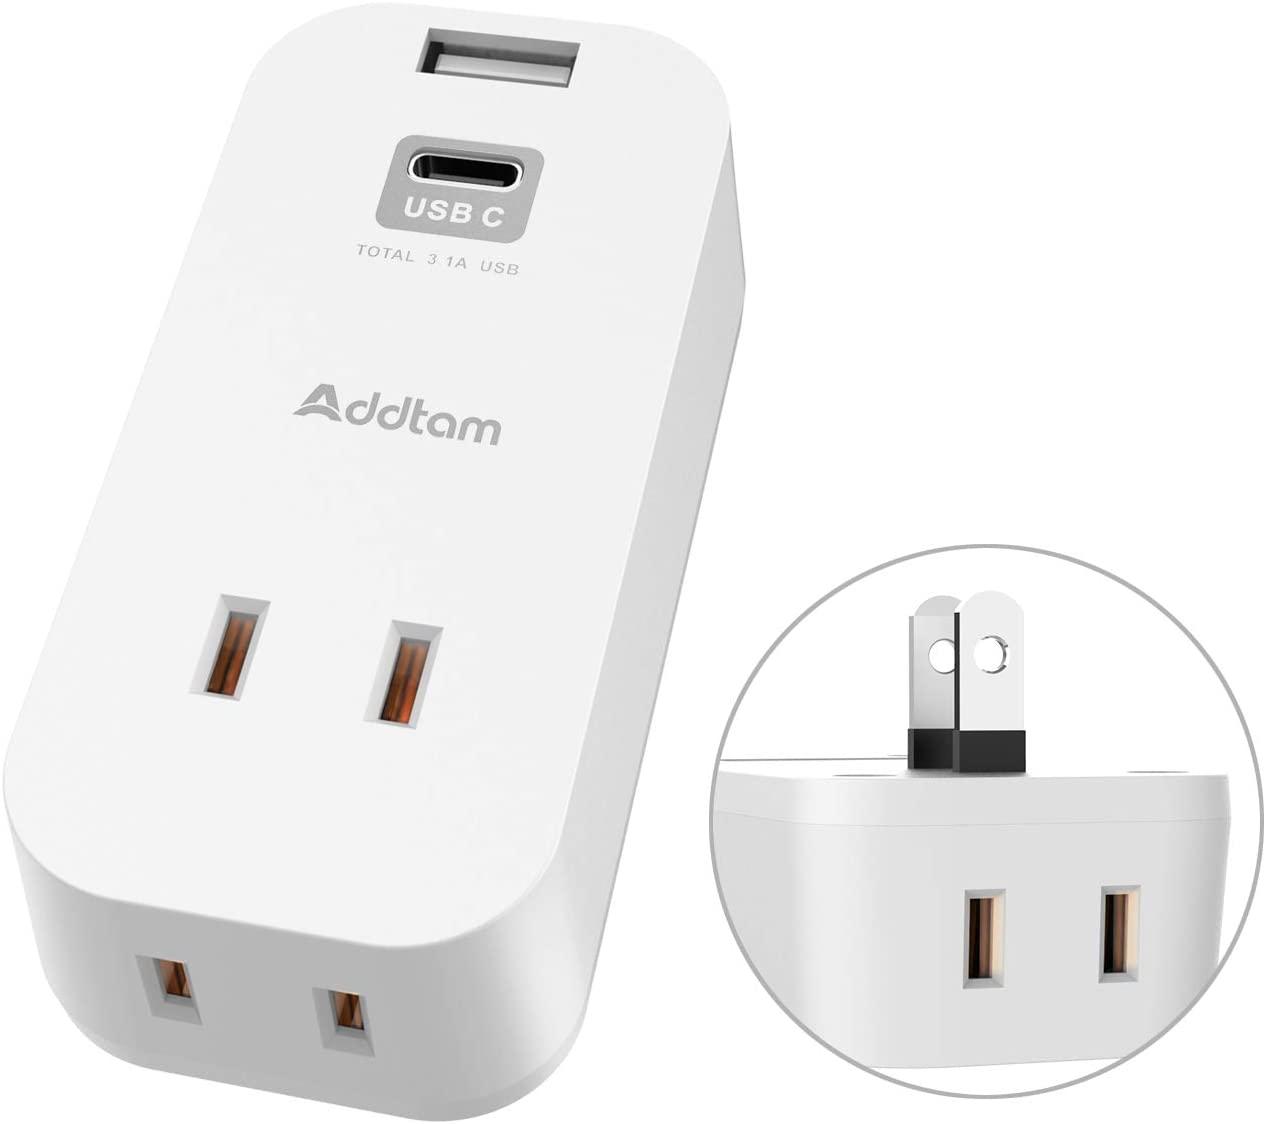 アマゾンで電源タップにUSBポートを増設できるUSBコンセント Addtamが560円となる割引クーポンを配信中。